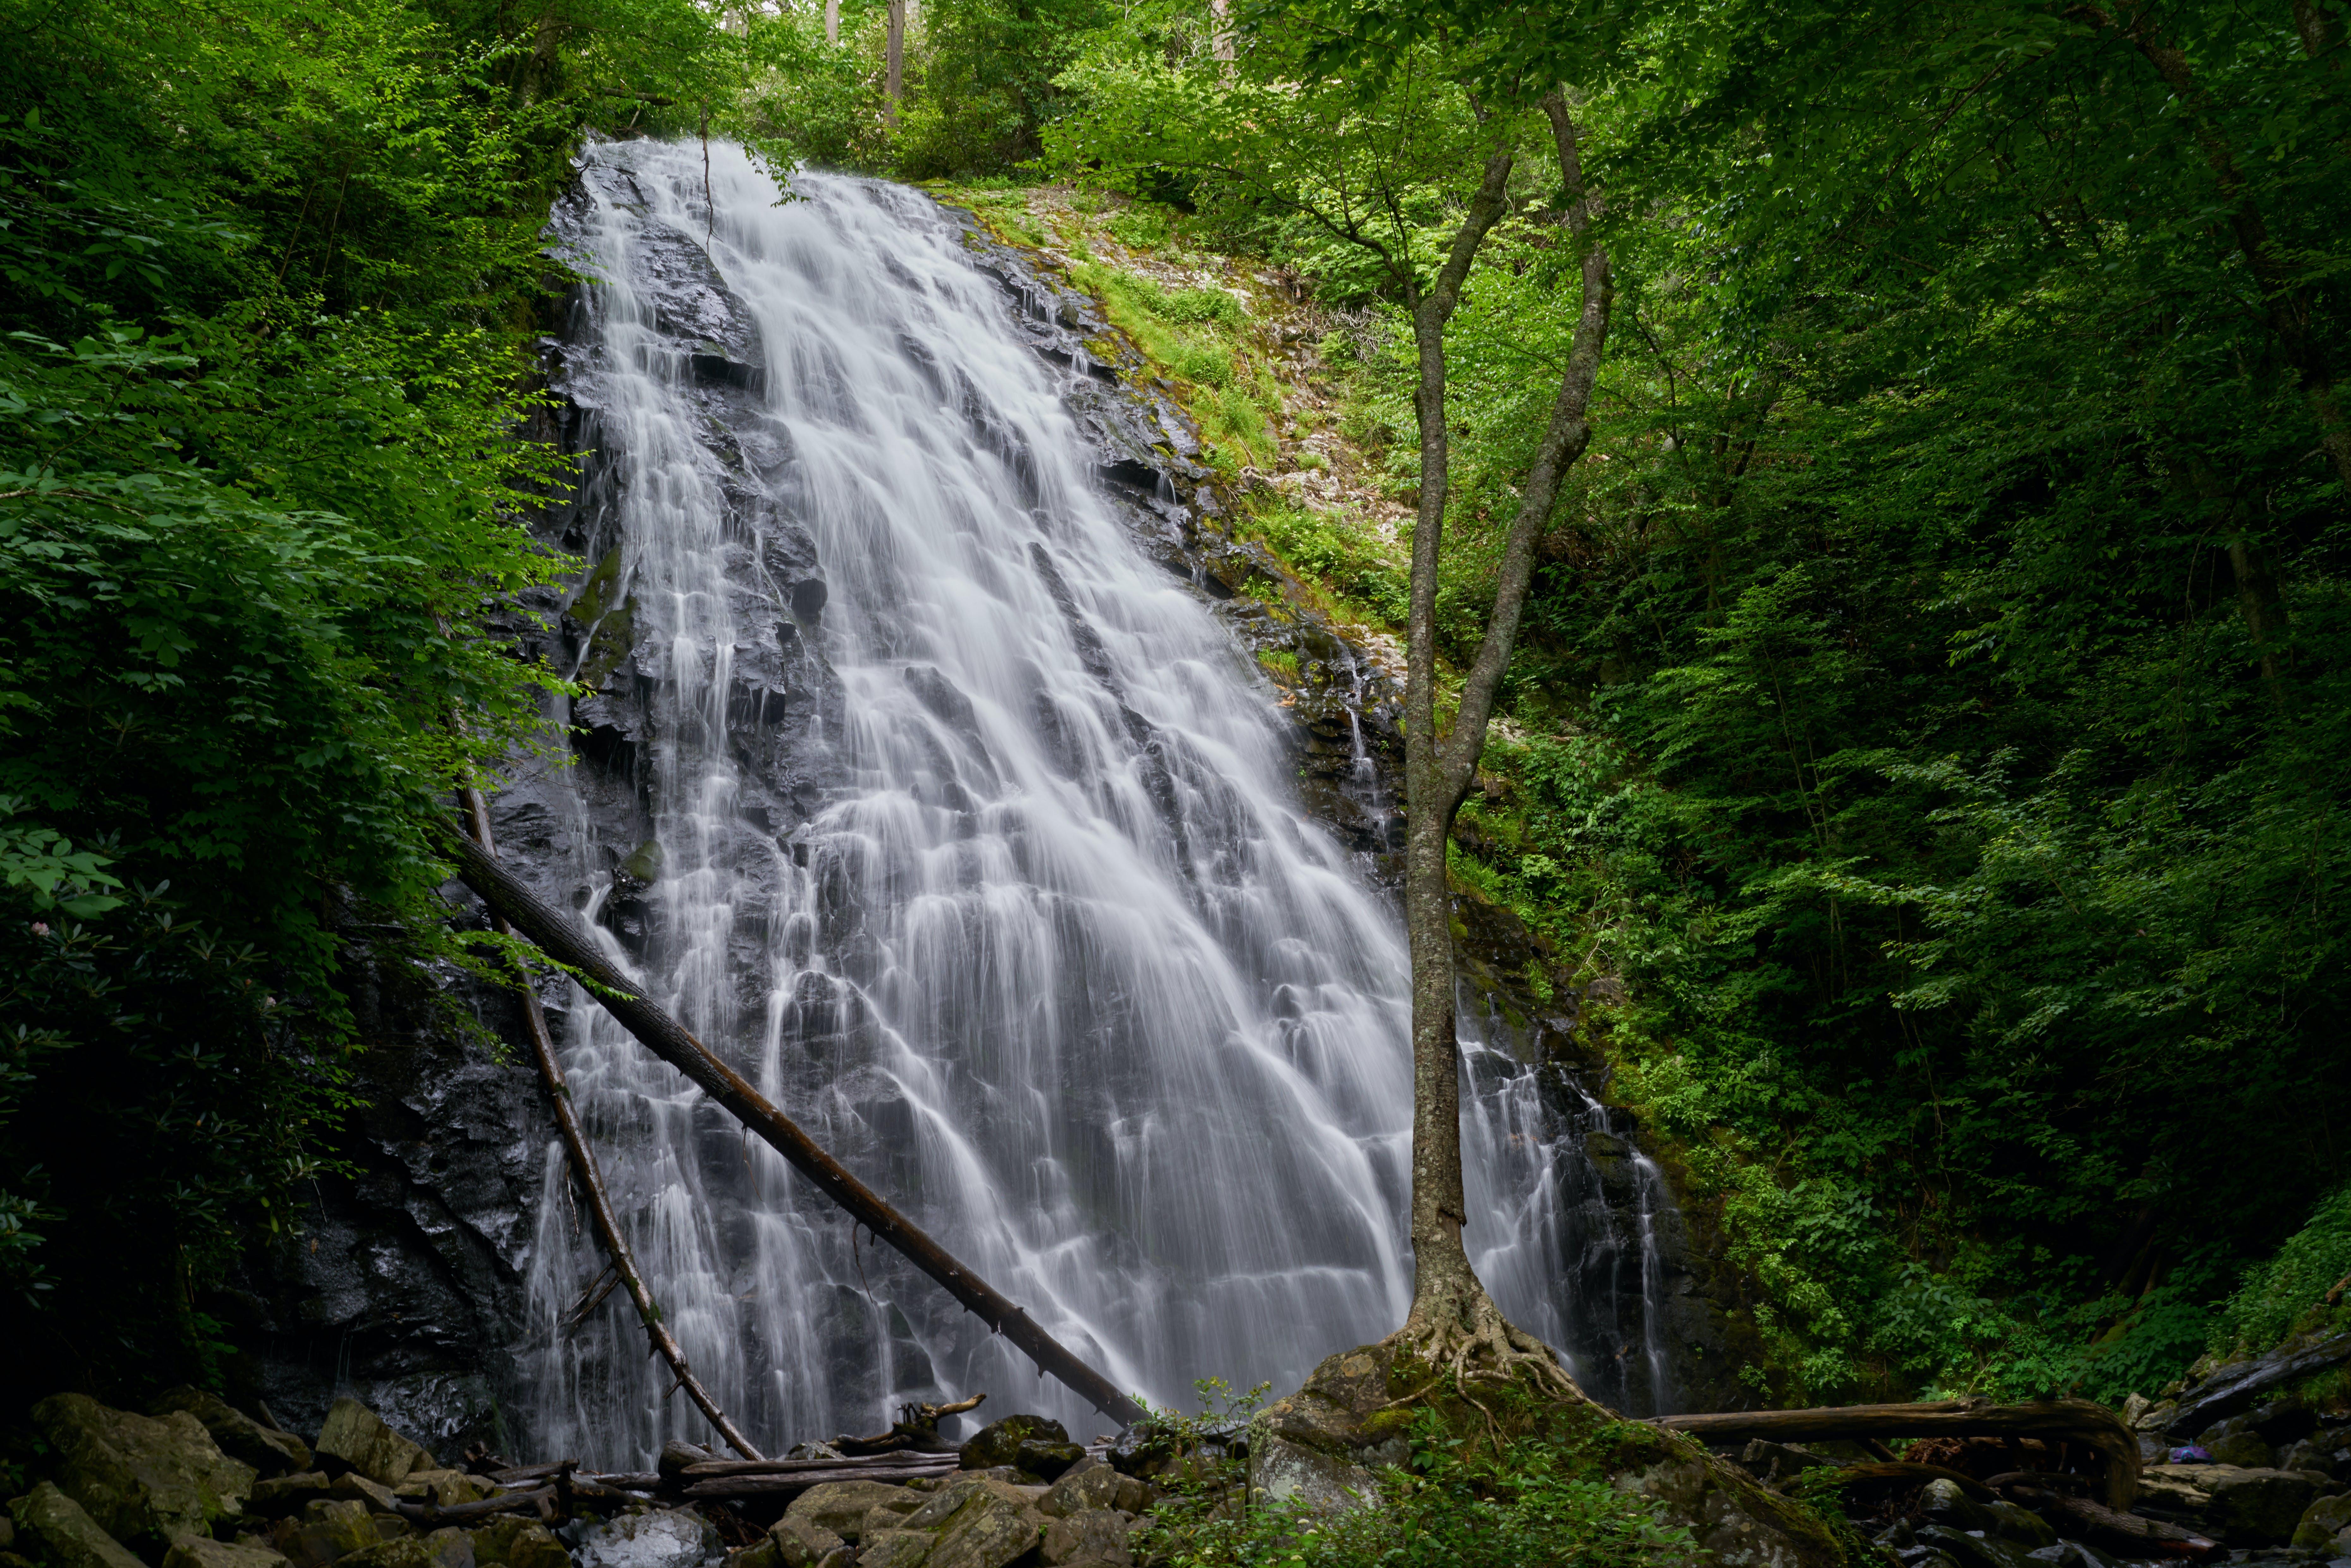 Kostenloses Stock Foto zu fließen, kaskade, landschaftlich, natur